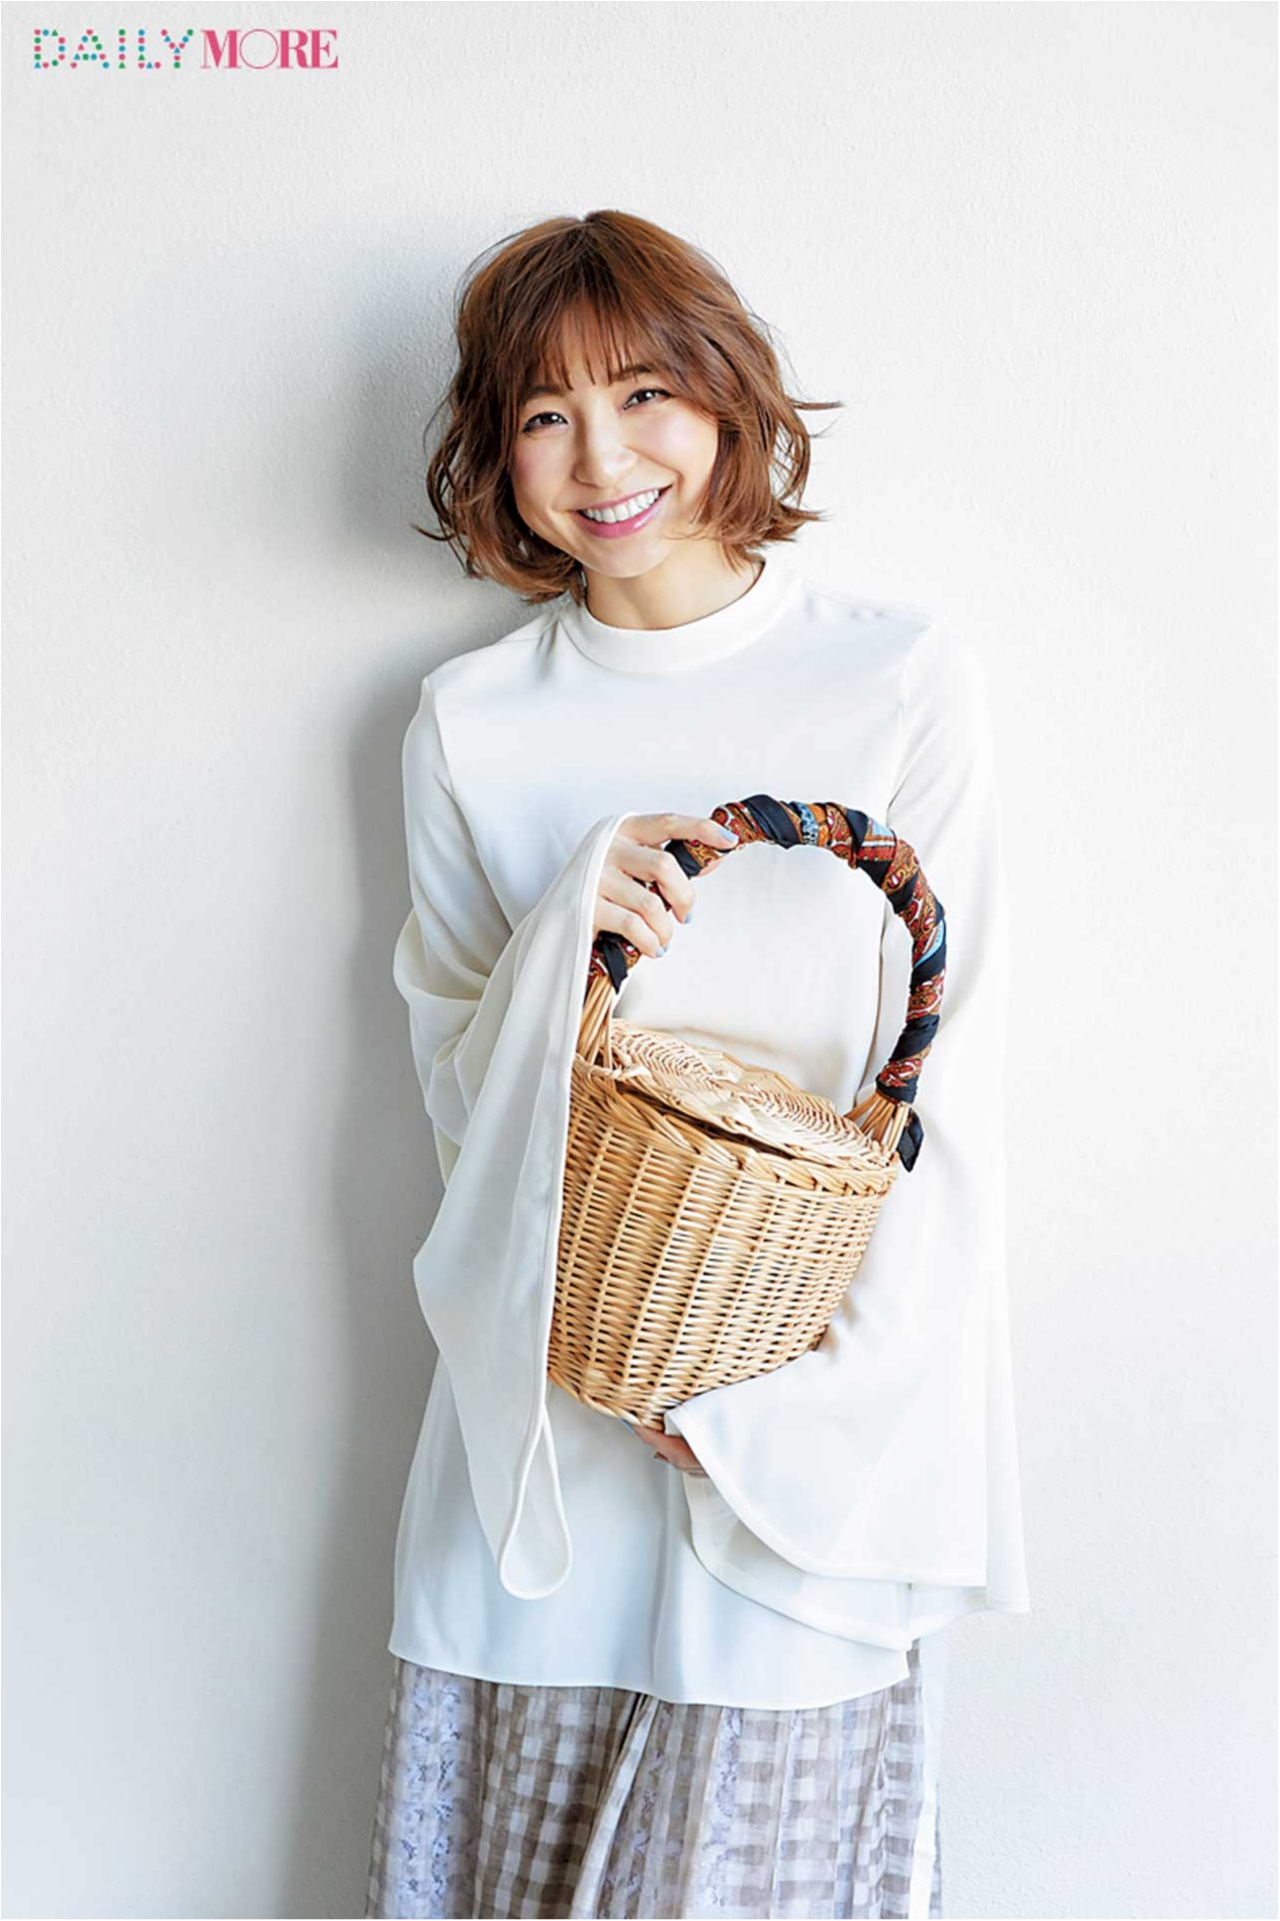 篠田麻里子、佐藤栞里、逢沢りなが私物大公開! おしゃれと美の秘訣が詰まったMOREモデルズのバッグの中身♡_3